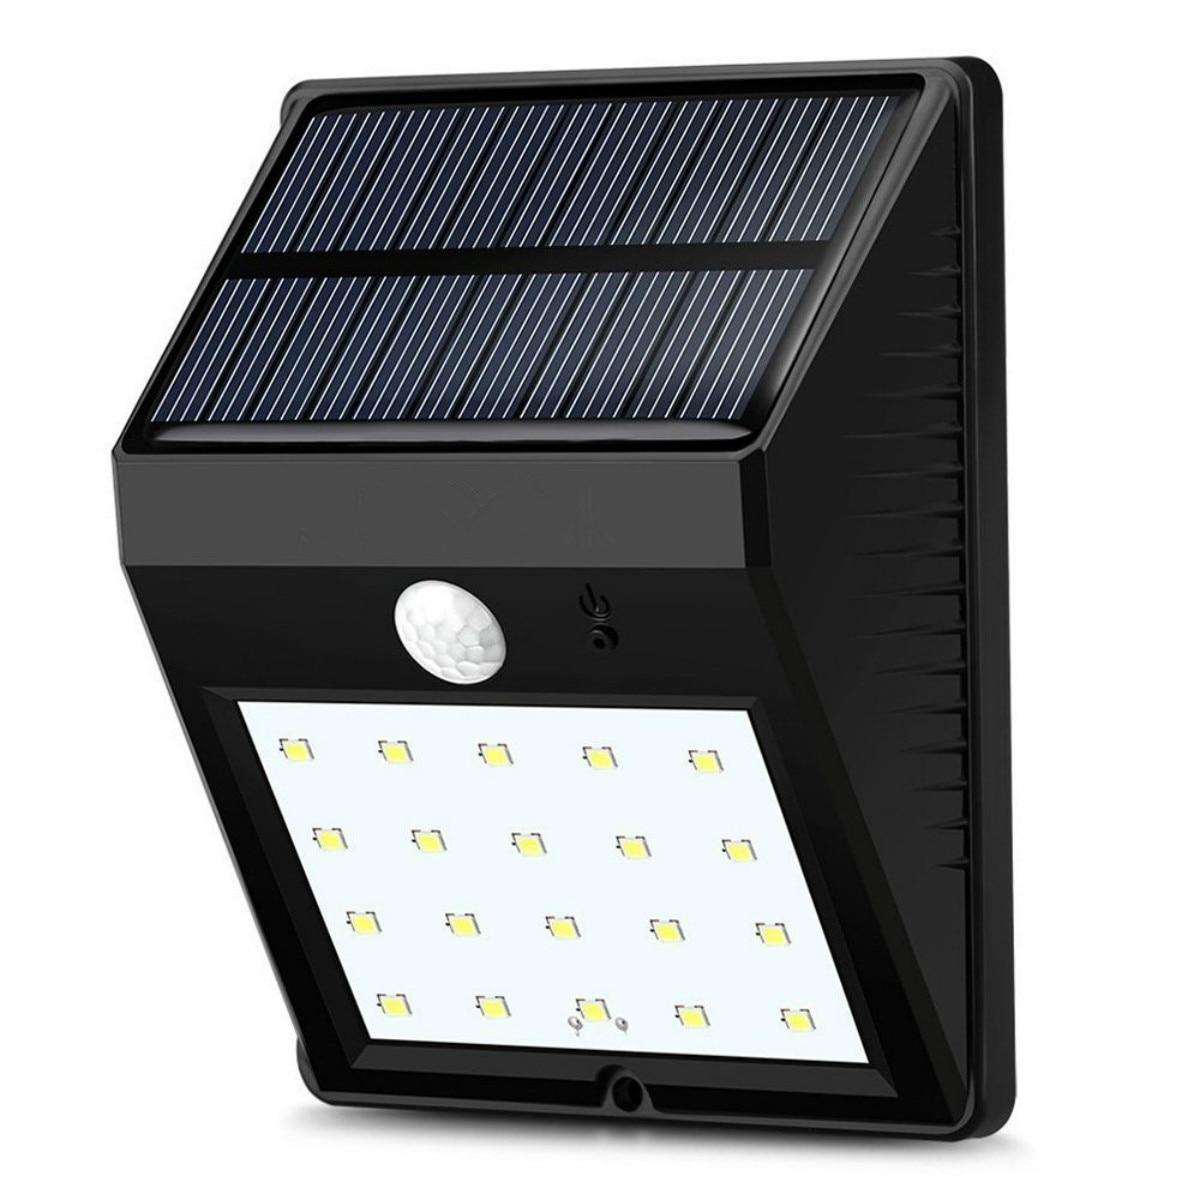 Dcoo lâmpada solar ao ar livre 20 leds sensor de movimento jardim decoração lampada luz solar à prova dwaterproof água jardim led solaire rua luz